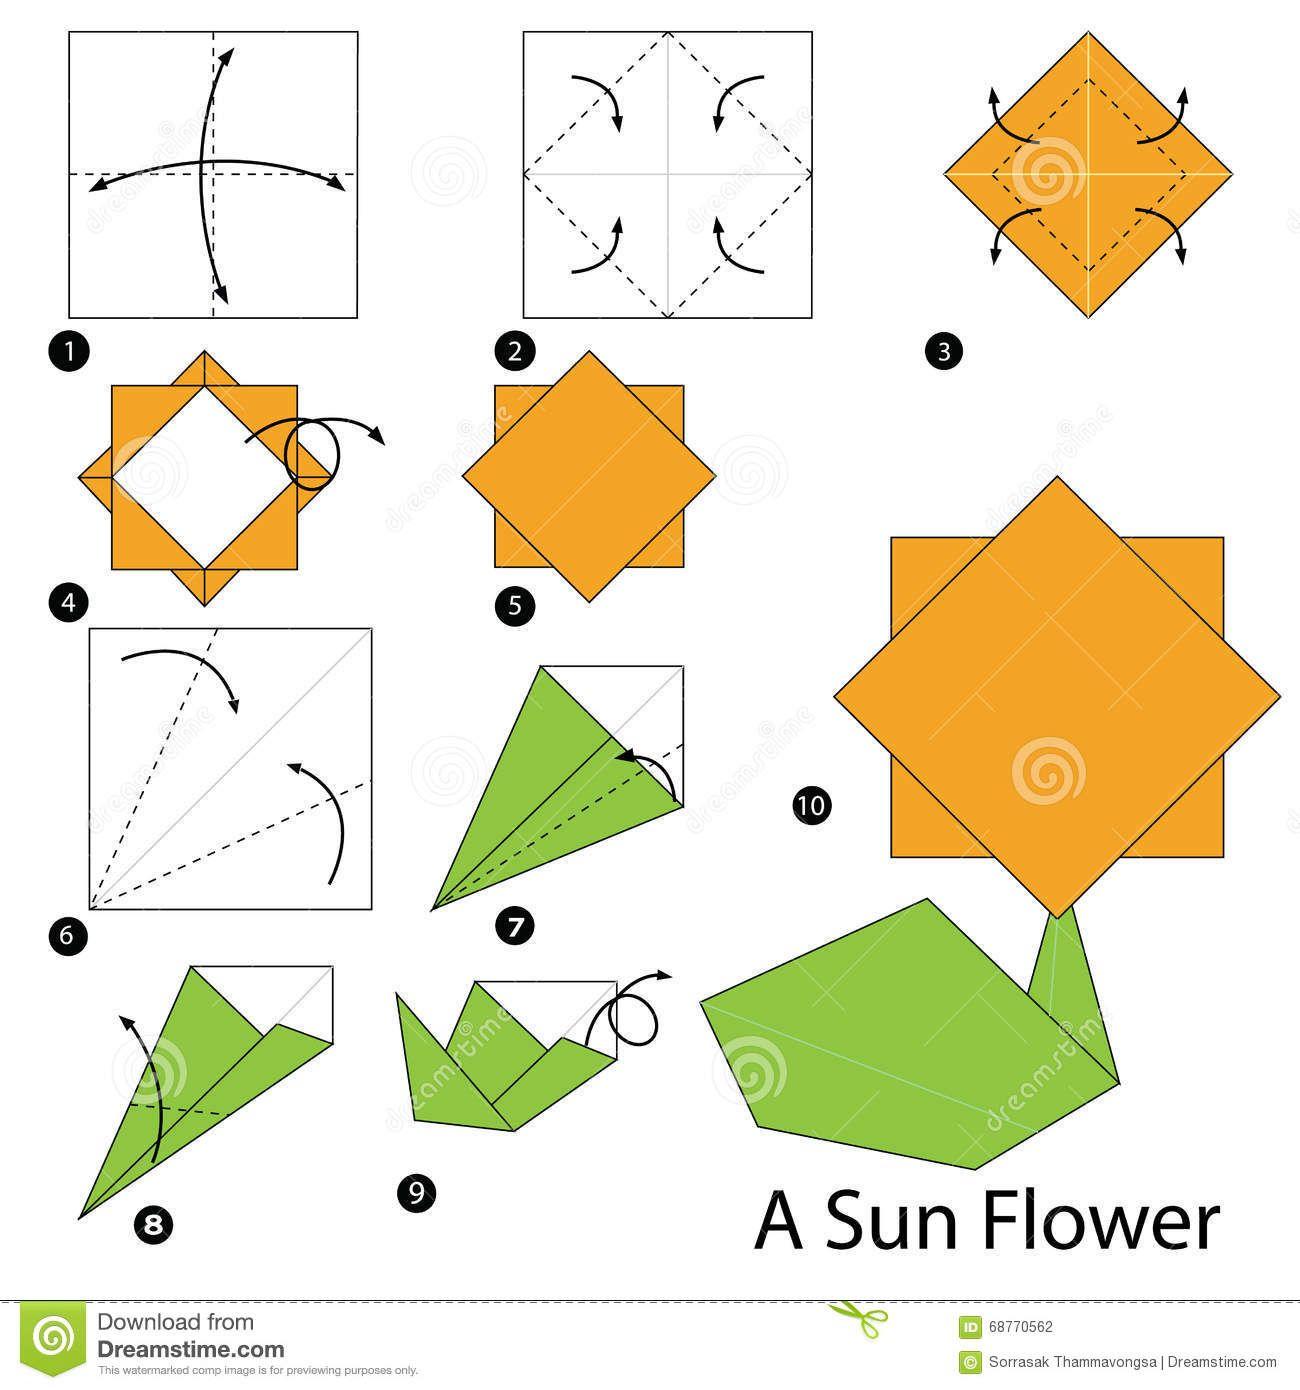 Rsultat de recherche dimages pour simple origami sun origami rsultat de recherche dimages pour simple origami jeuxipadfo Gallery